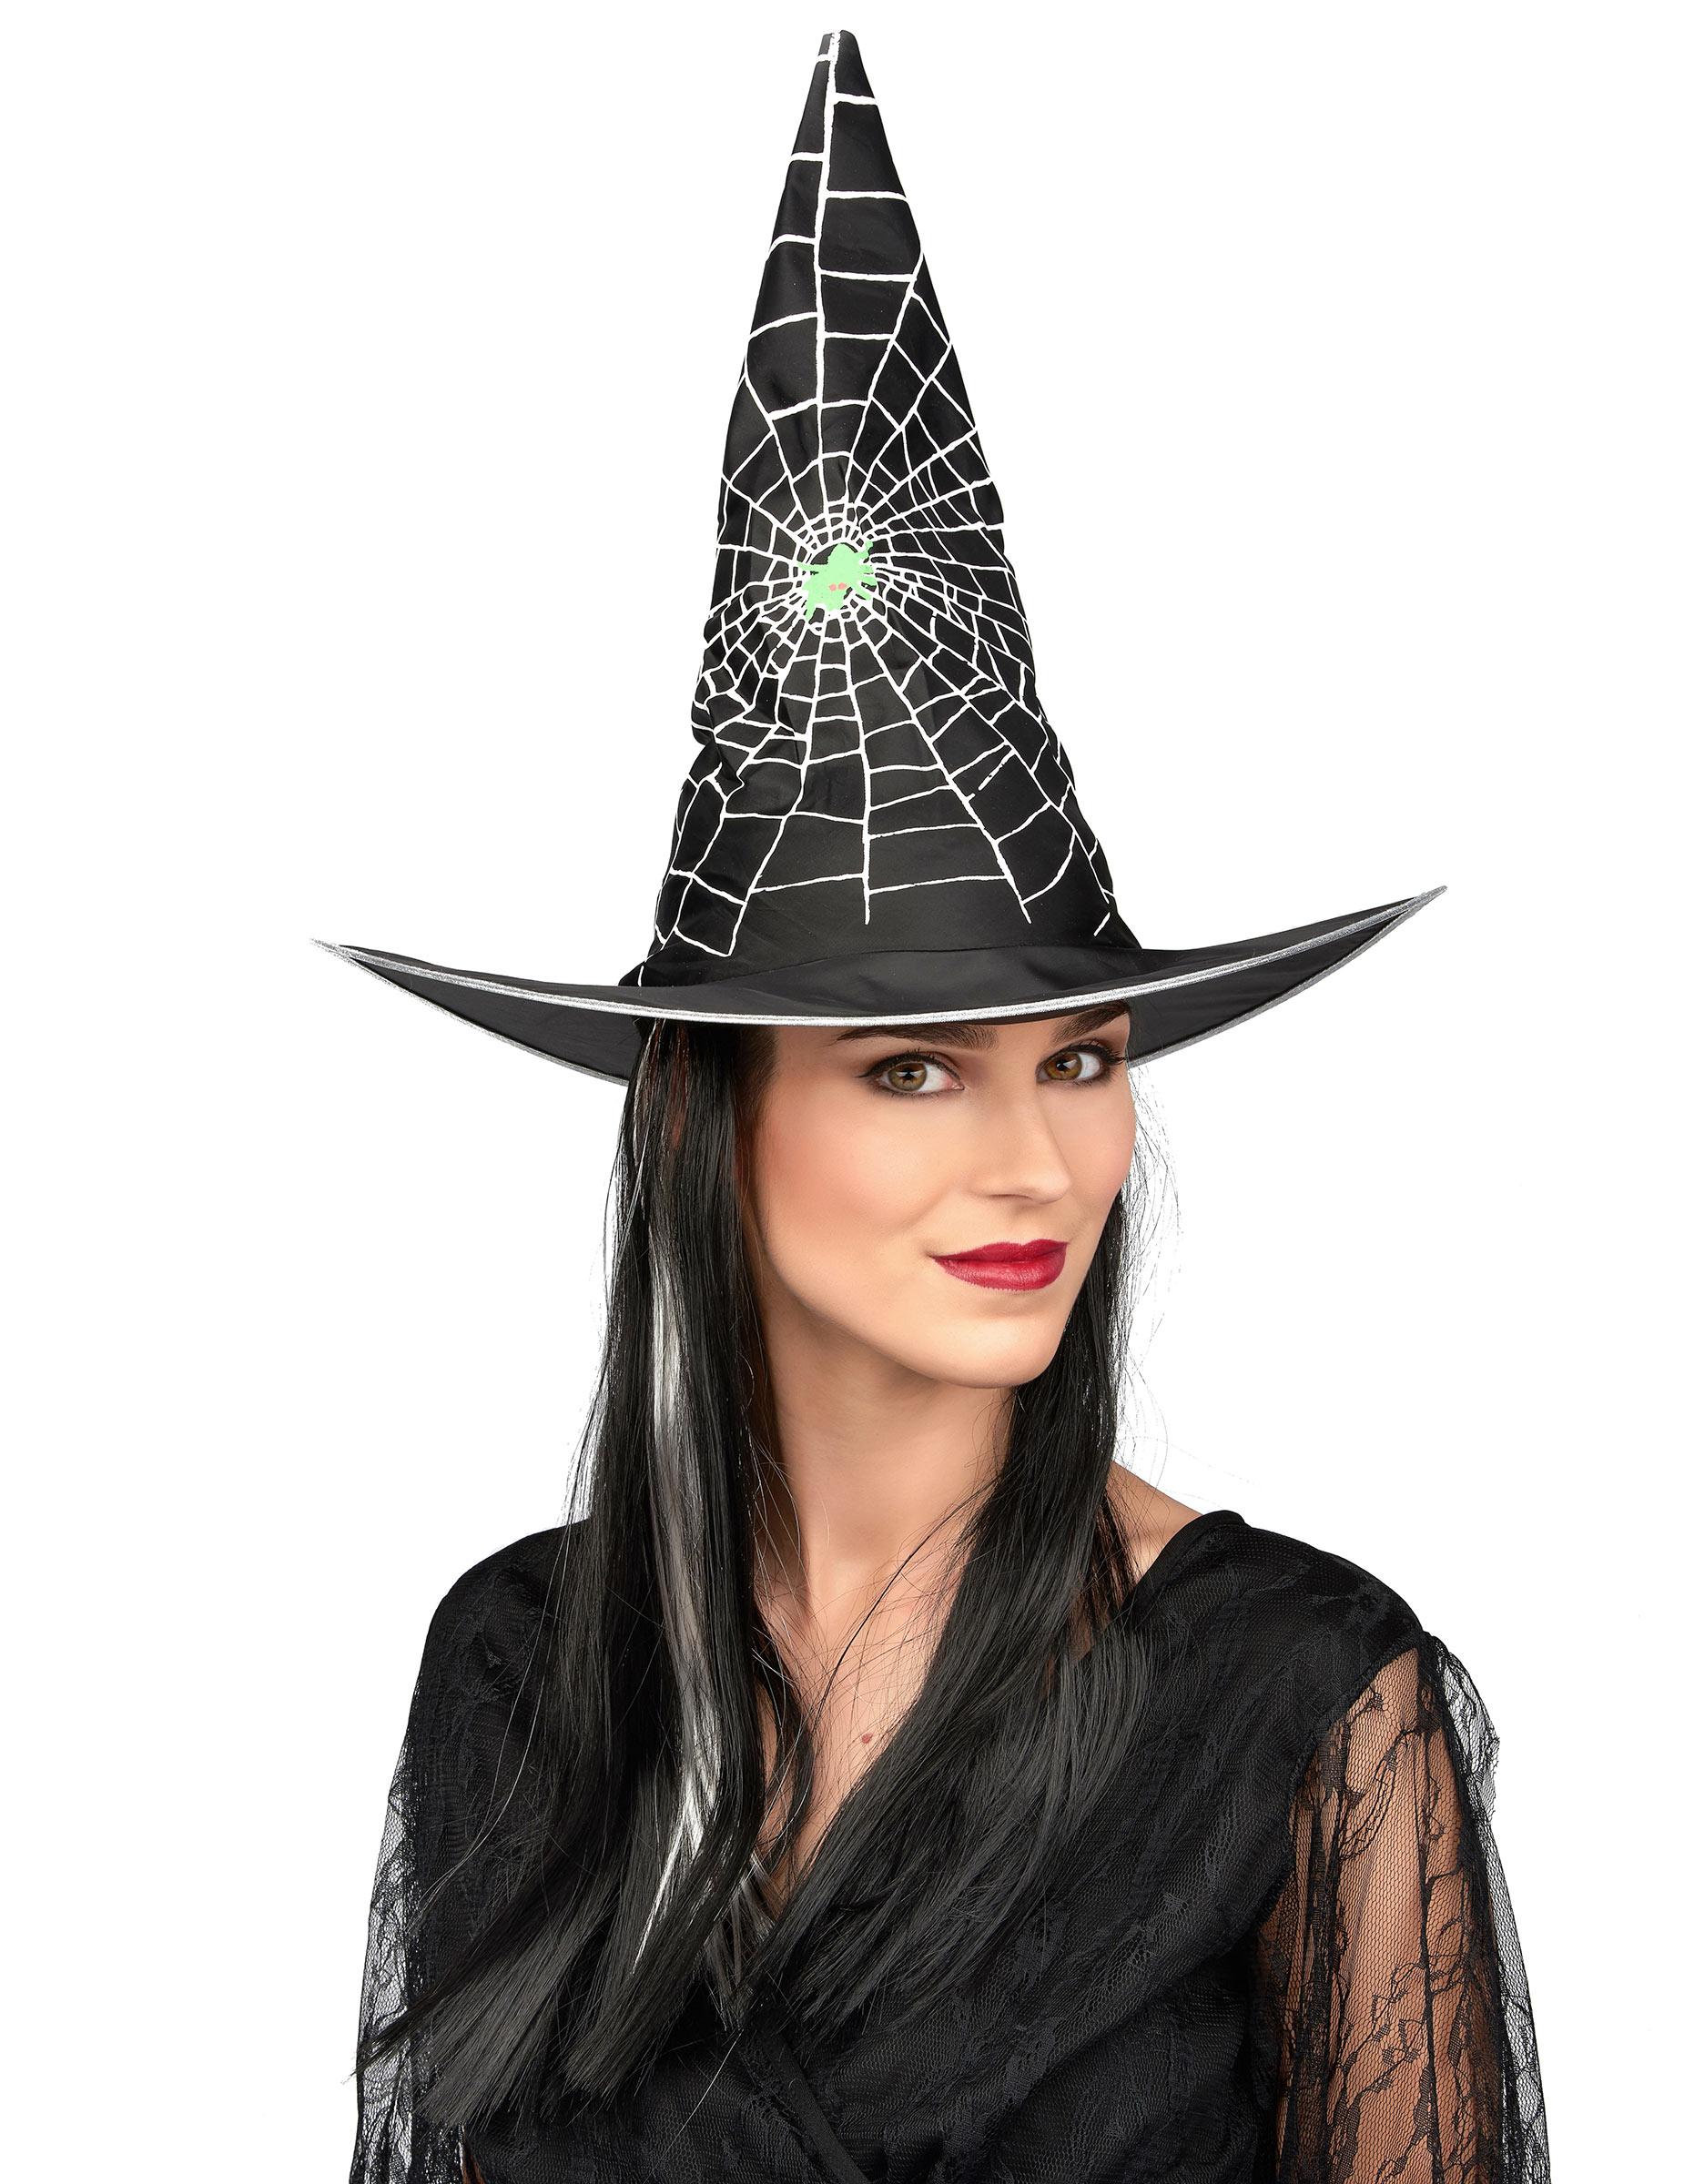 chapeau avec perruque sorci re noir et blanc femme halloween achat de chapeaux sur vegaoopro. Black Bedroom Furniture Sets. Home Design Ideas